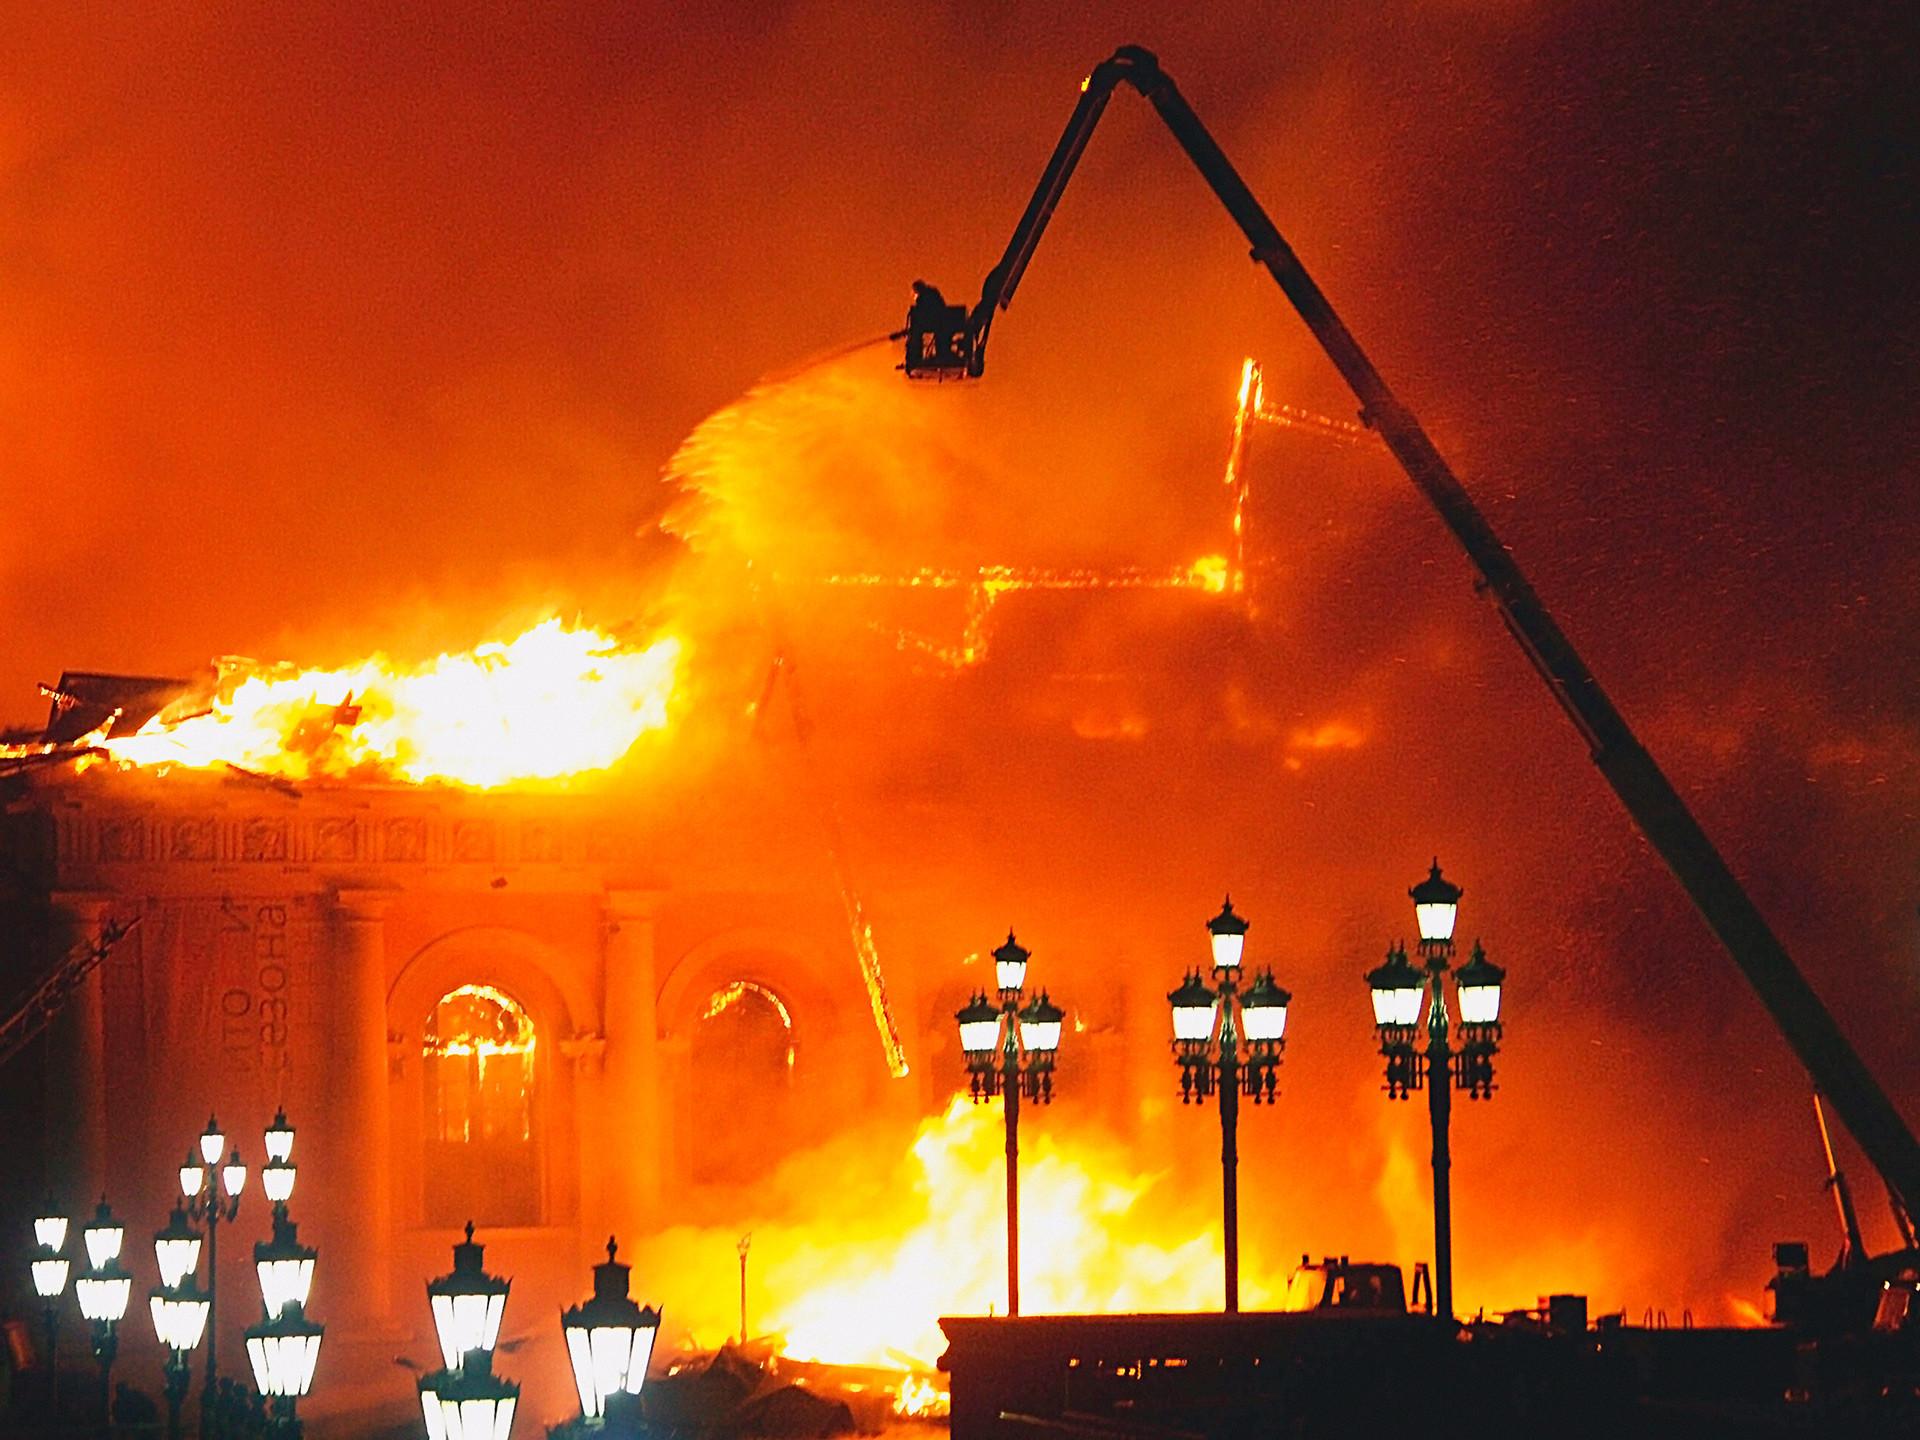 Incêndio no edifício Maniêj, em pleno centro de Moscou, em 15 de março de 2004.